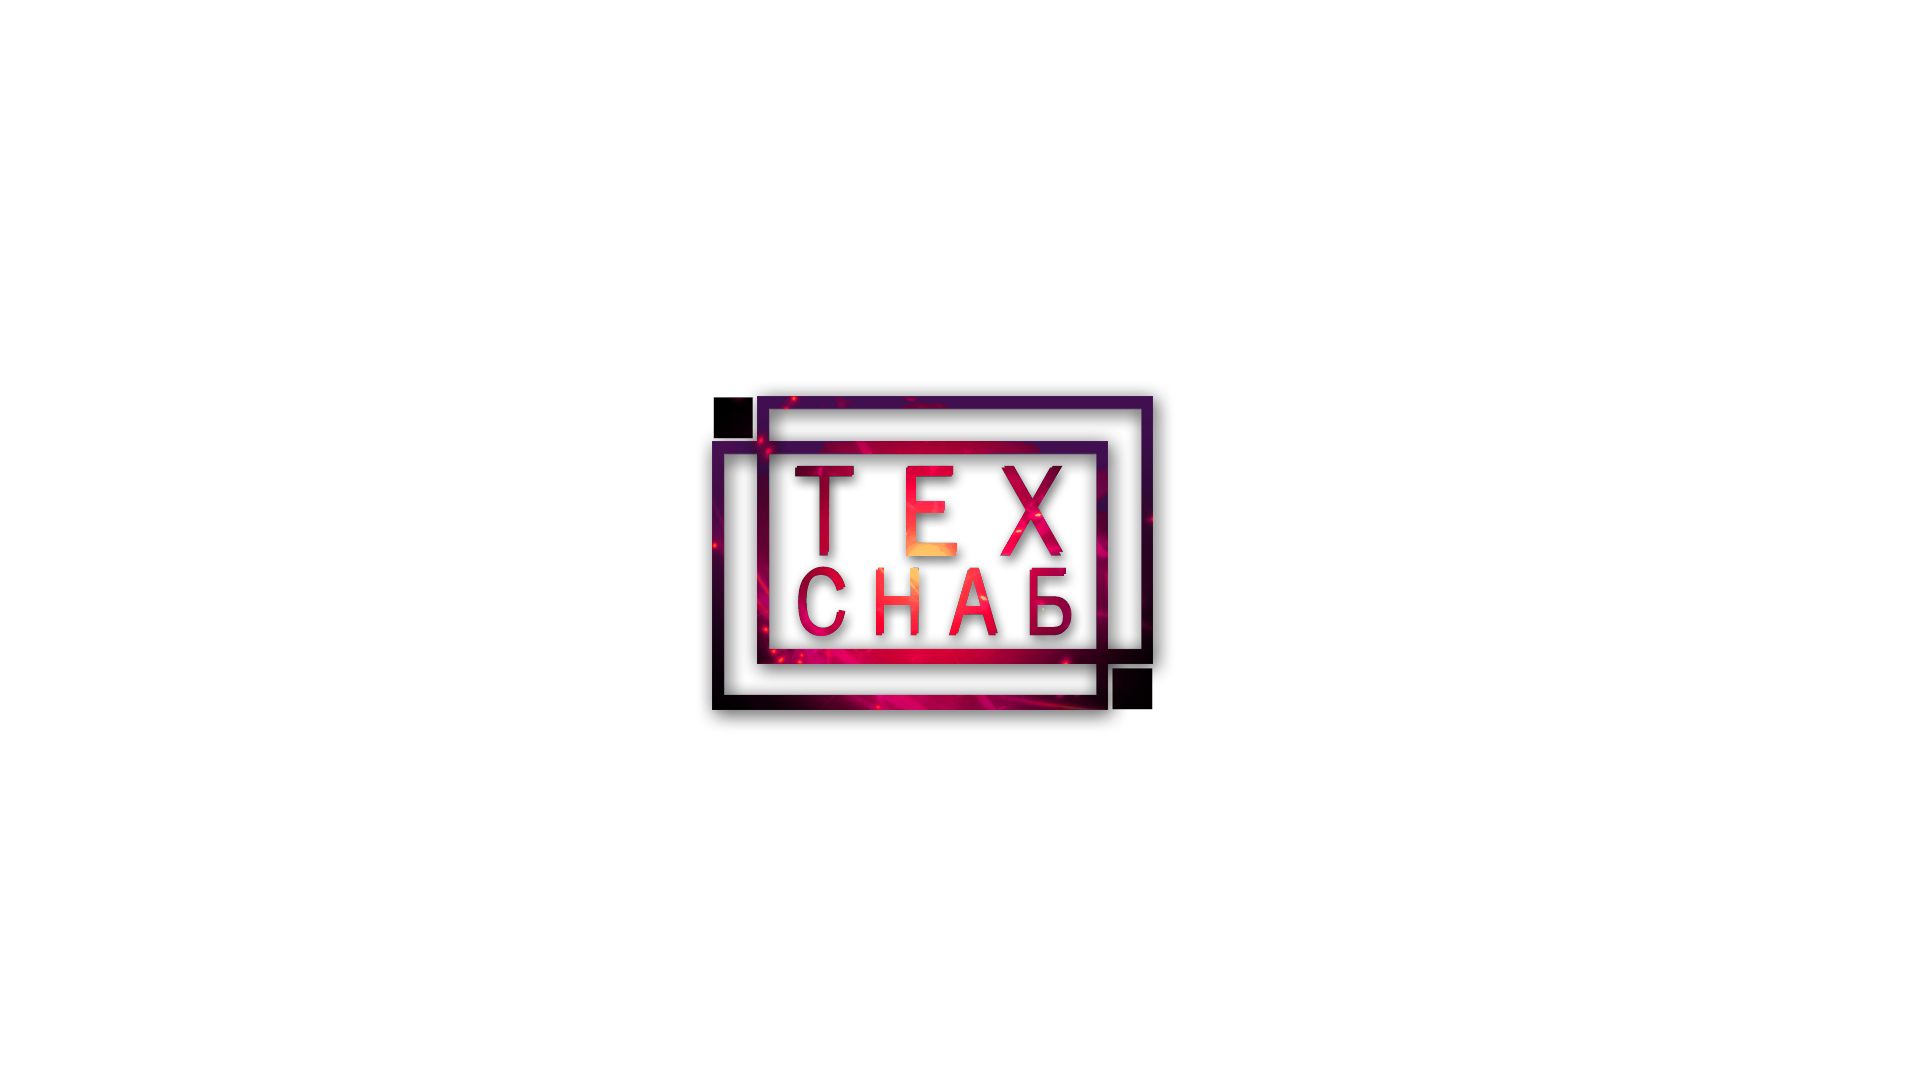 Разработка логотипа и фирм. стиля компании  ТЕХСНАБ фото f_1875b1ebe419b6d3.jpg